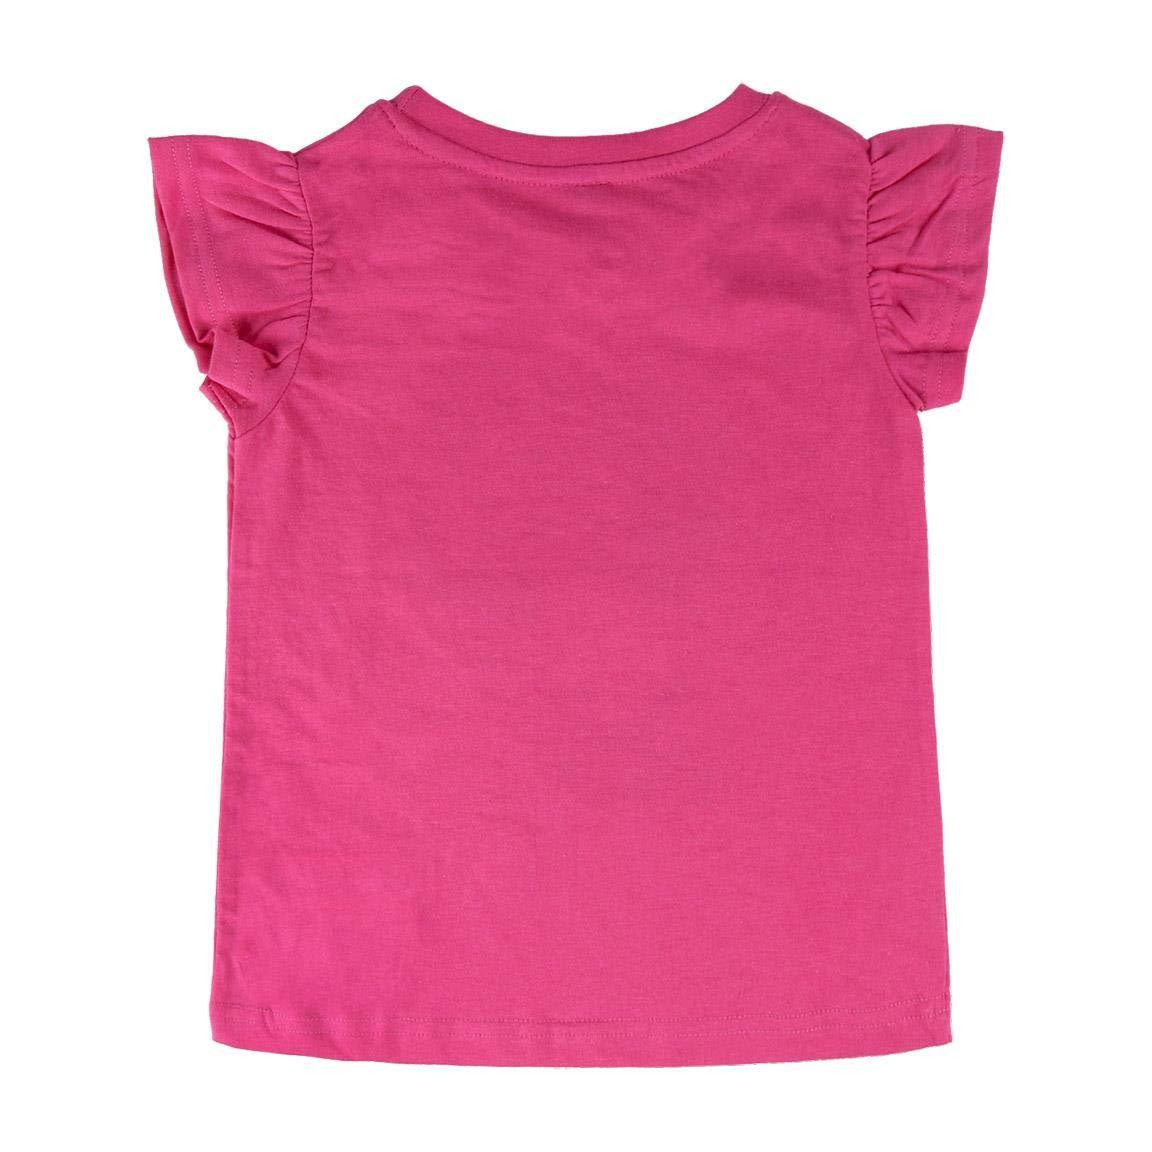 L.O.L Full Print Bambina T-Shirt Premium Maglia Maglietta Maniche Corte Surprise! Prodotto Originale con Licenza Ufficiale 9304-22 Particolari 3D Riportati